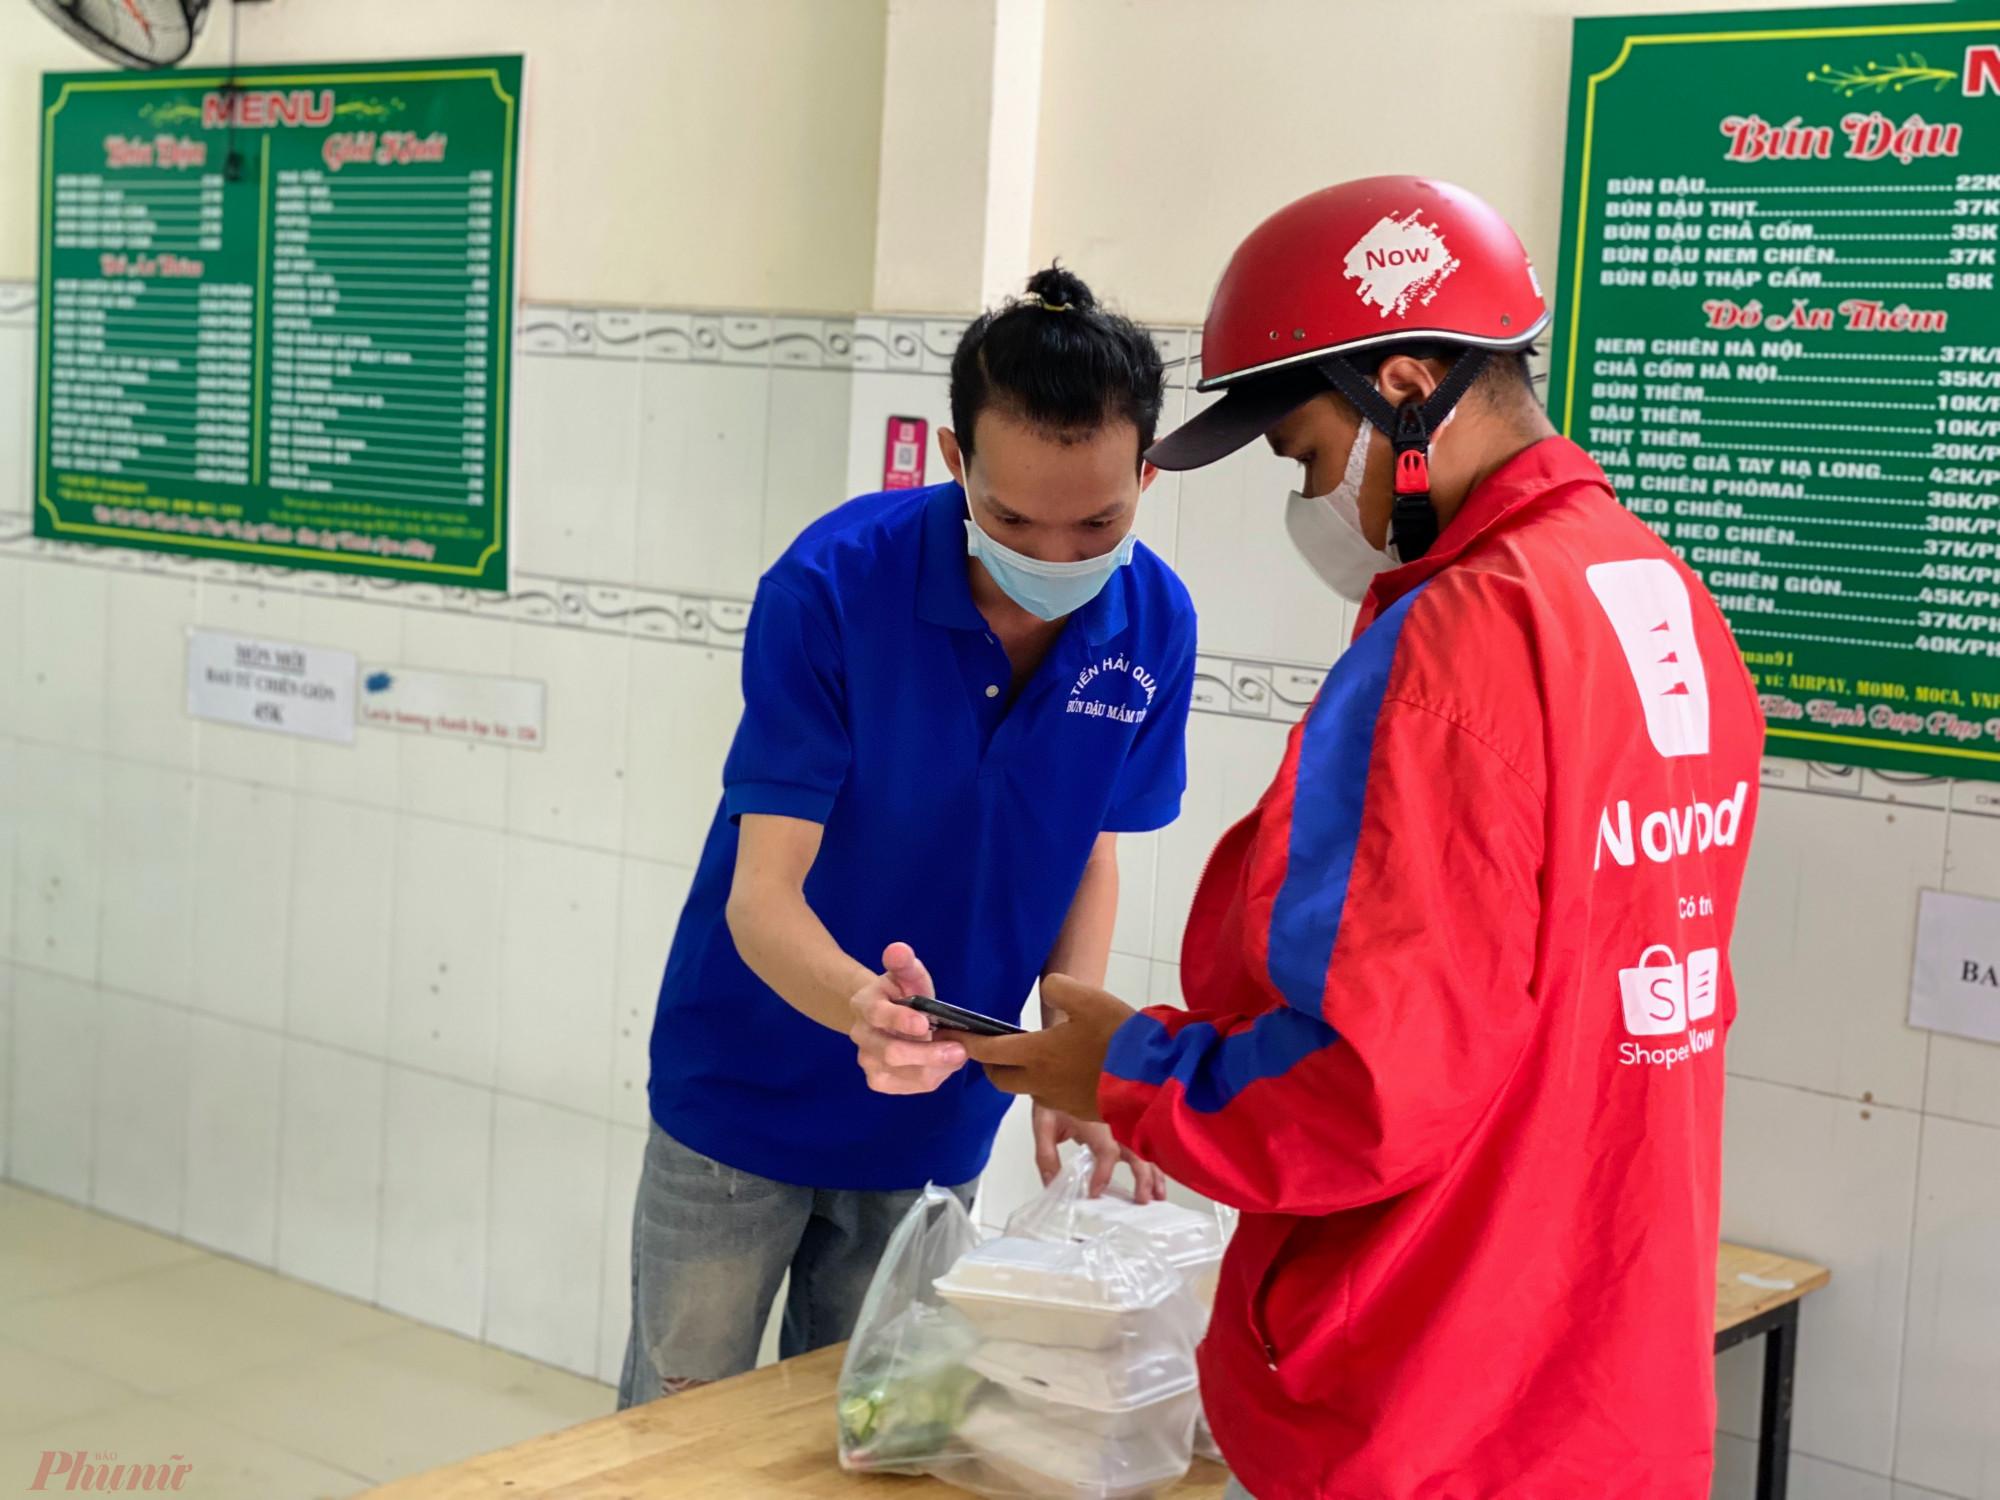 Trong ảnh một cửa hàng kinh doanh bún đậu mắm tôm trên đường Nguyễn Thị Thập (quận 7) đang giao đơn cho shipper.